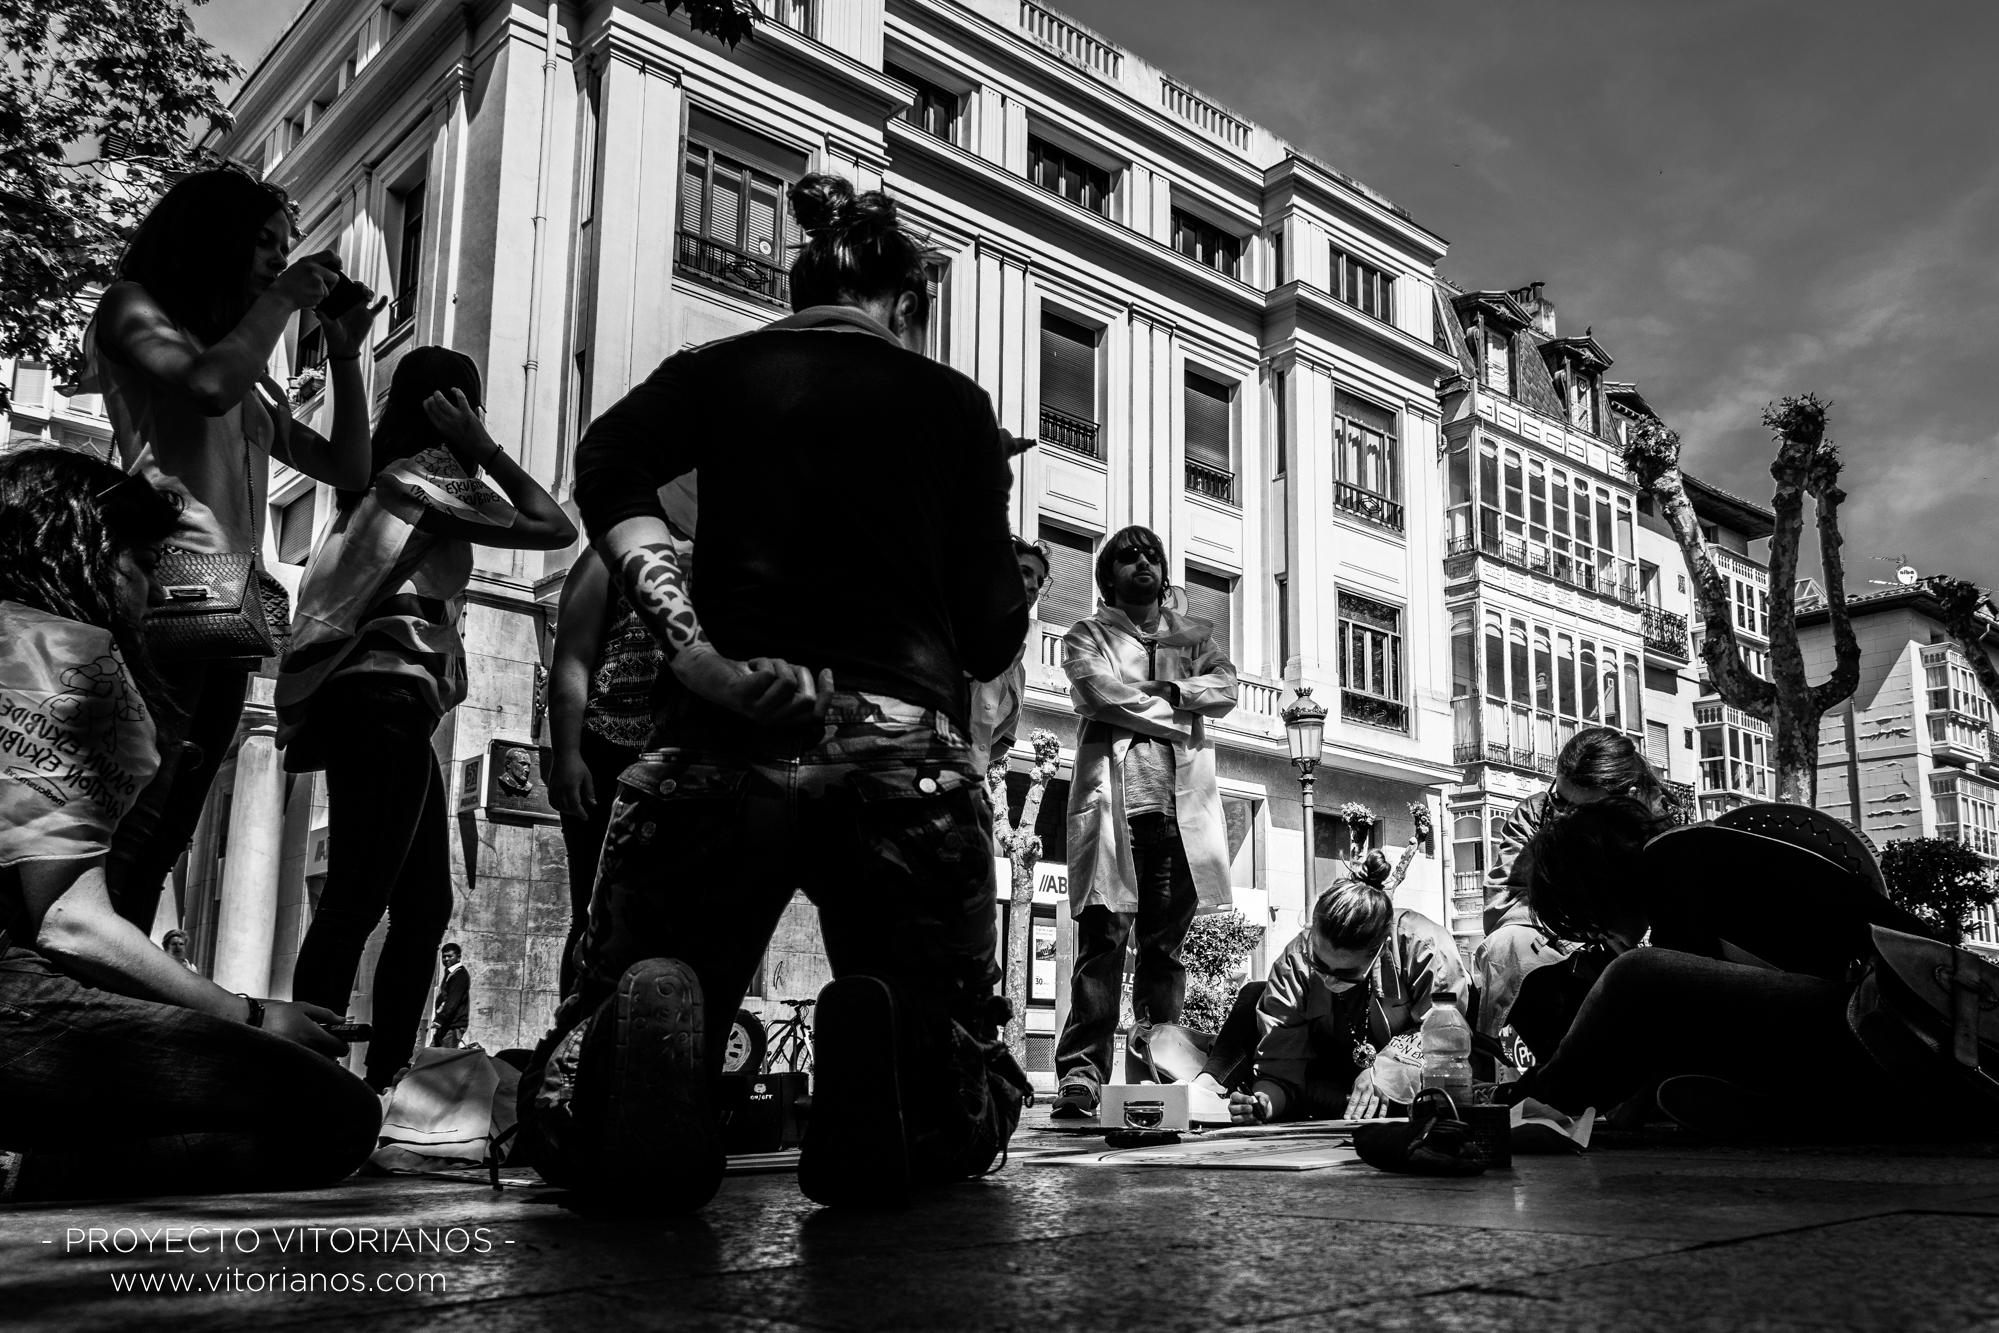 Vitorianos en la calle Postas - Foto: Virginia Cubillo